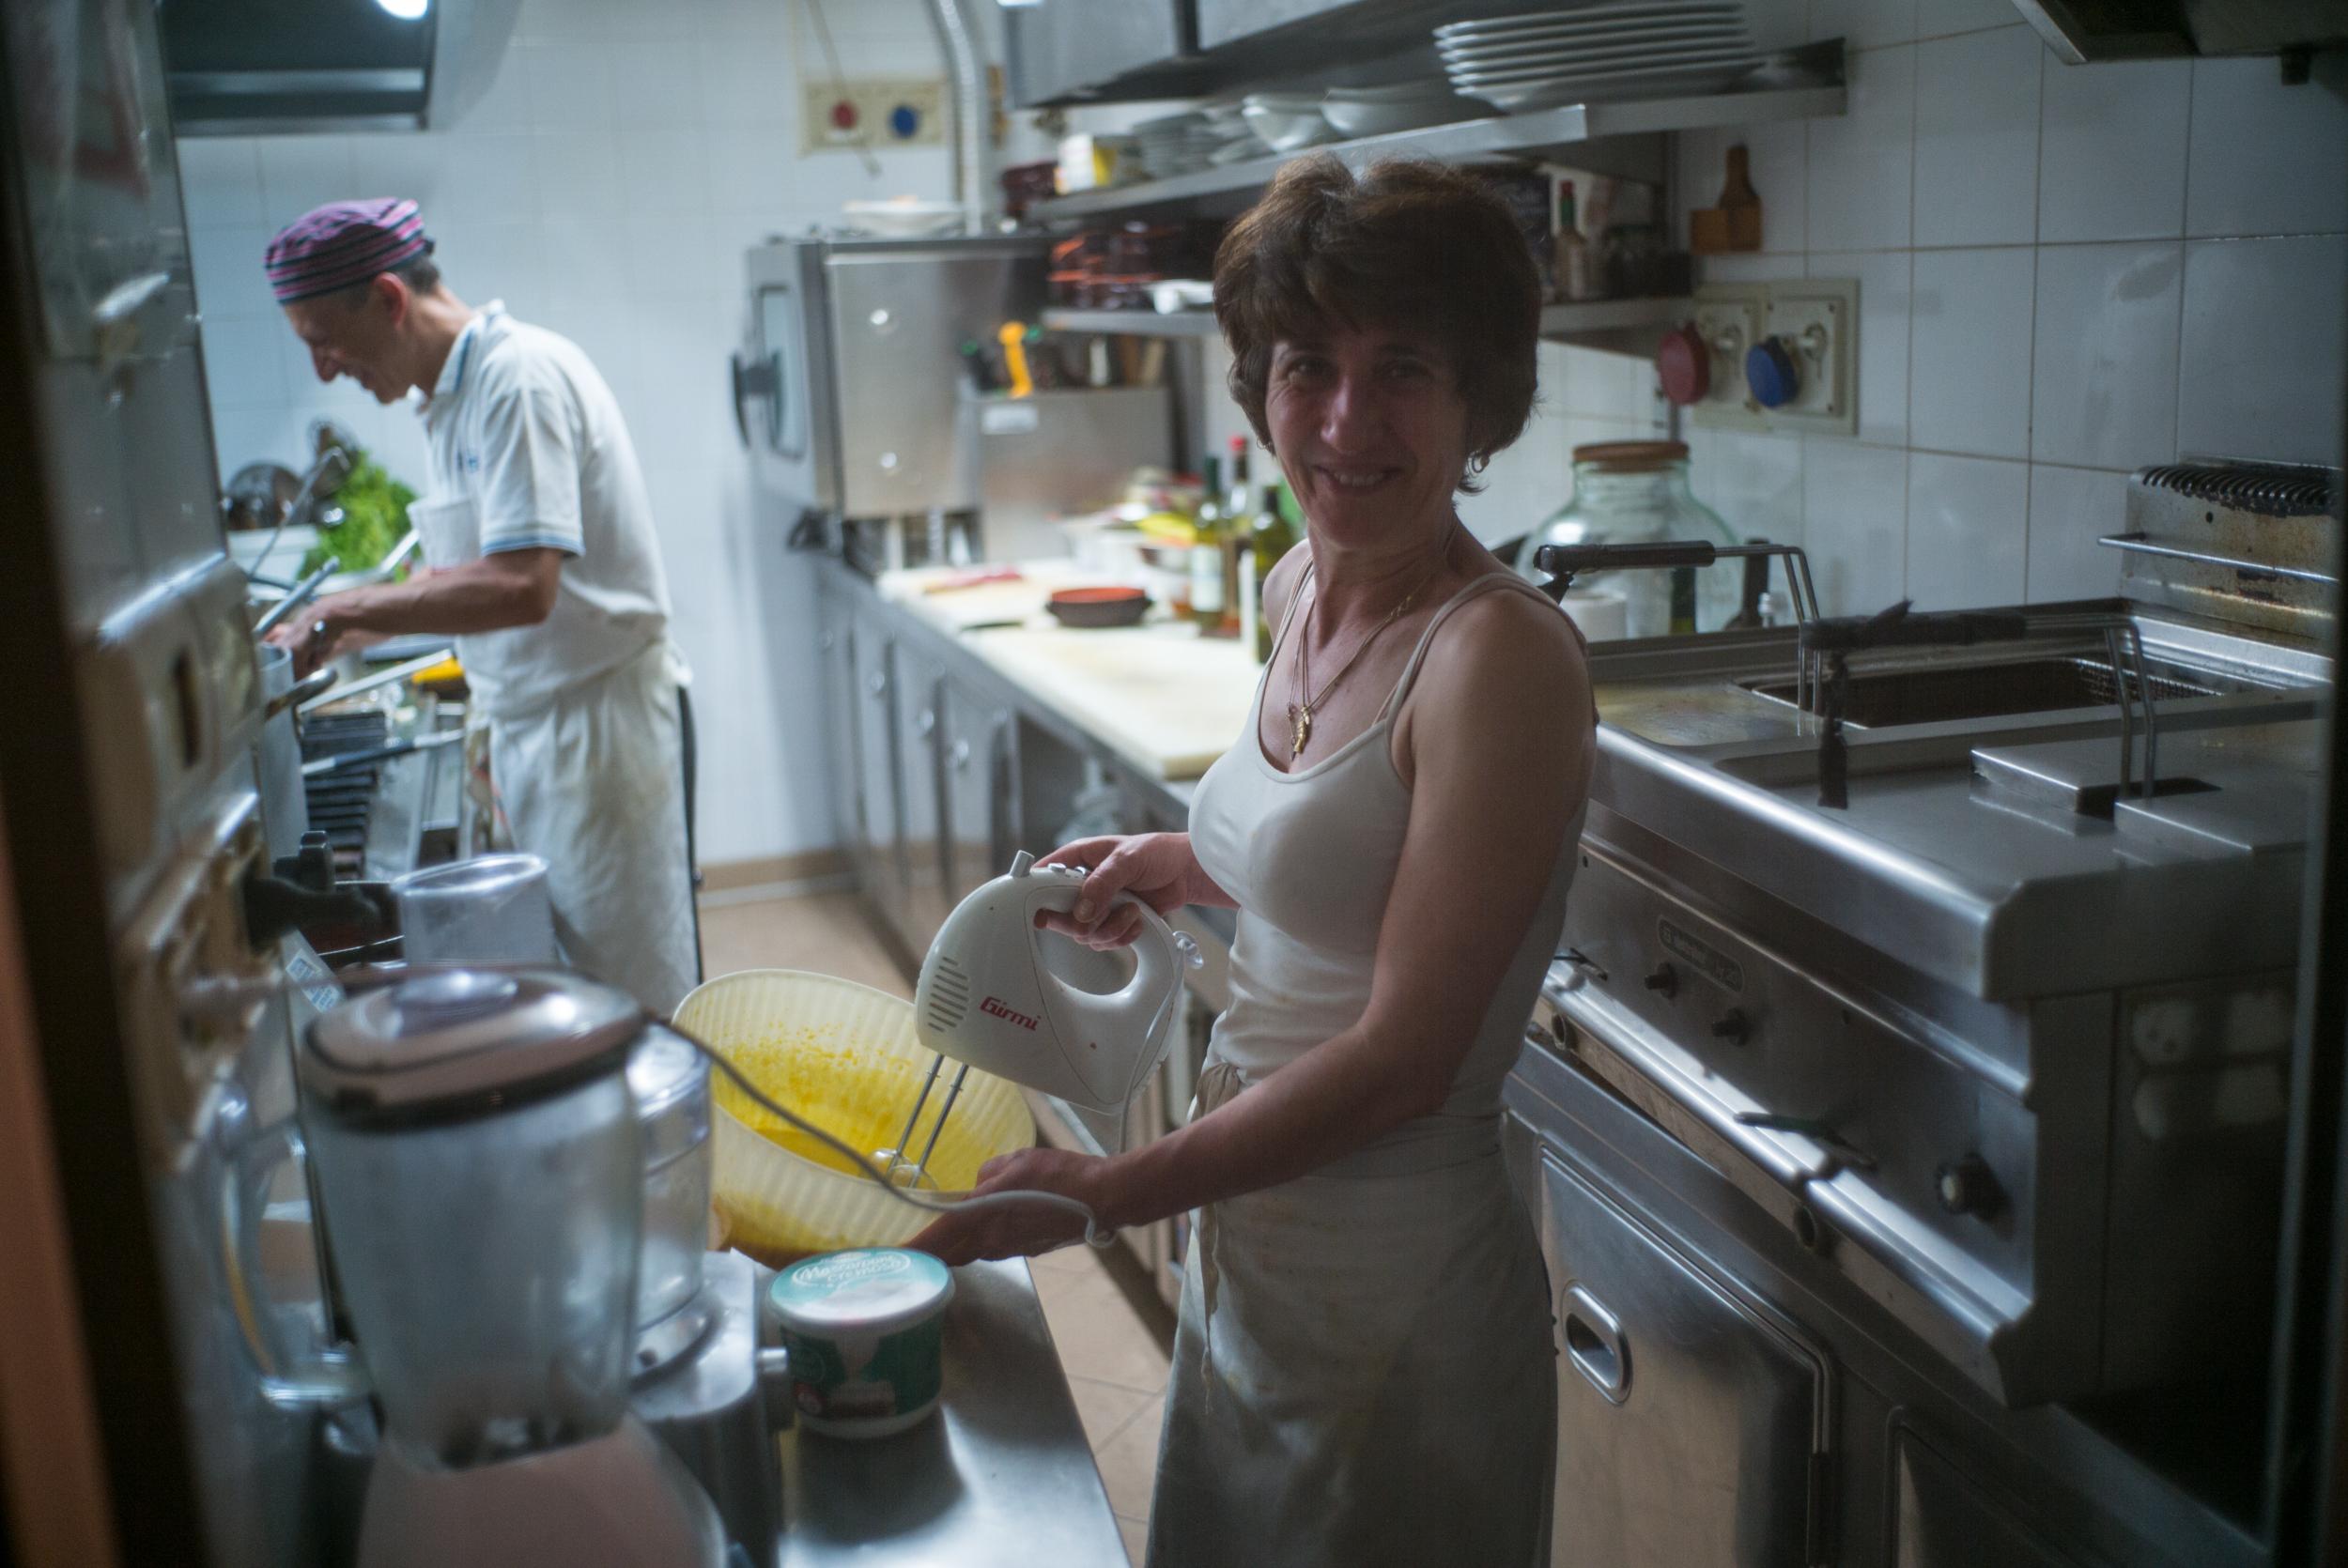 View into Restaurant Kitchen from Sidewalk - Moneglia